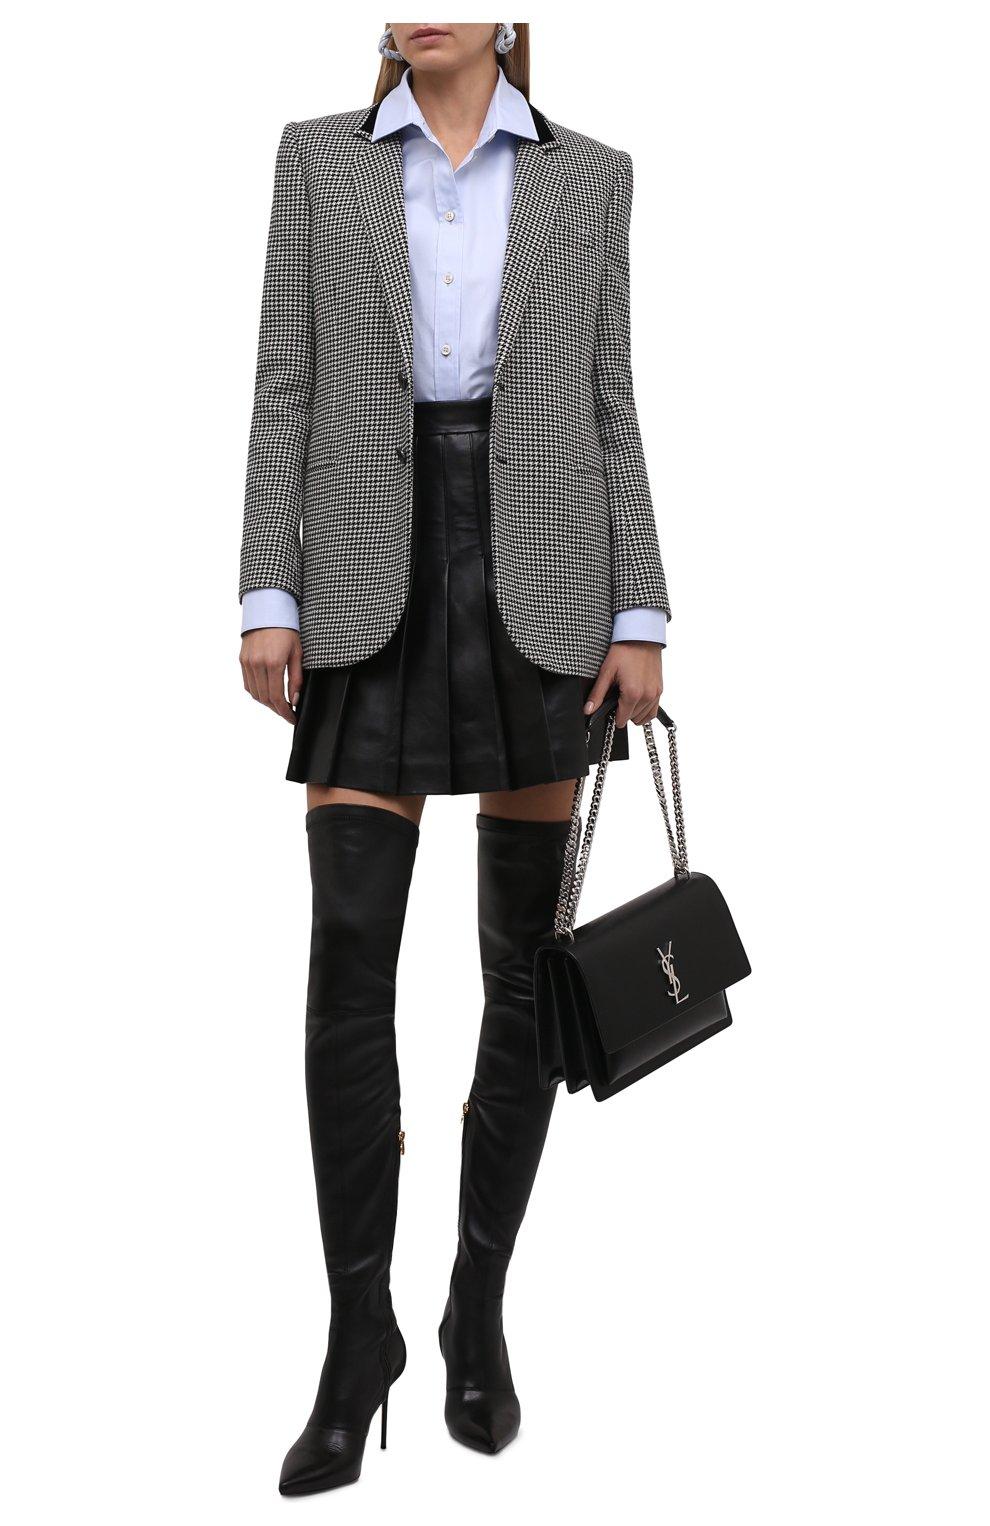 Женская кожаная юбка BALMAIN черного цвета, арт. WF1LB250/L158   Фото 2 (Длина Ж (юбки, платья, шорты): Мини; Женское Кросс-КТ: юбка-плиссе, Юбка-одежда; Стили: Гранж; Материал подклада: Вискоза)